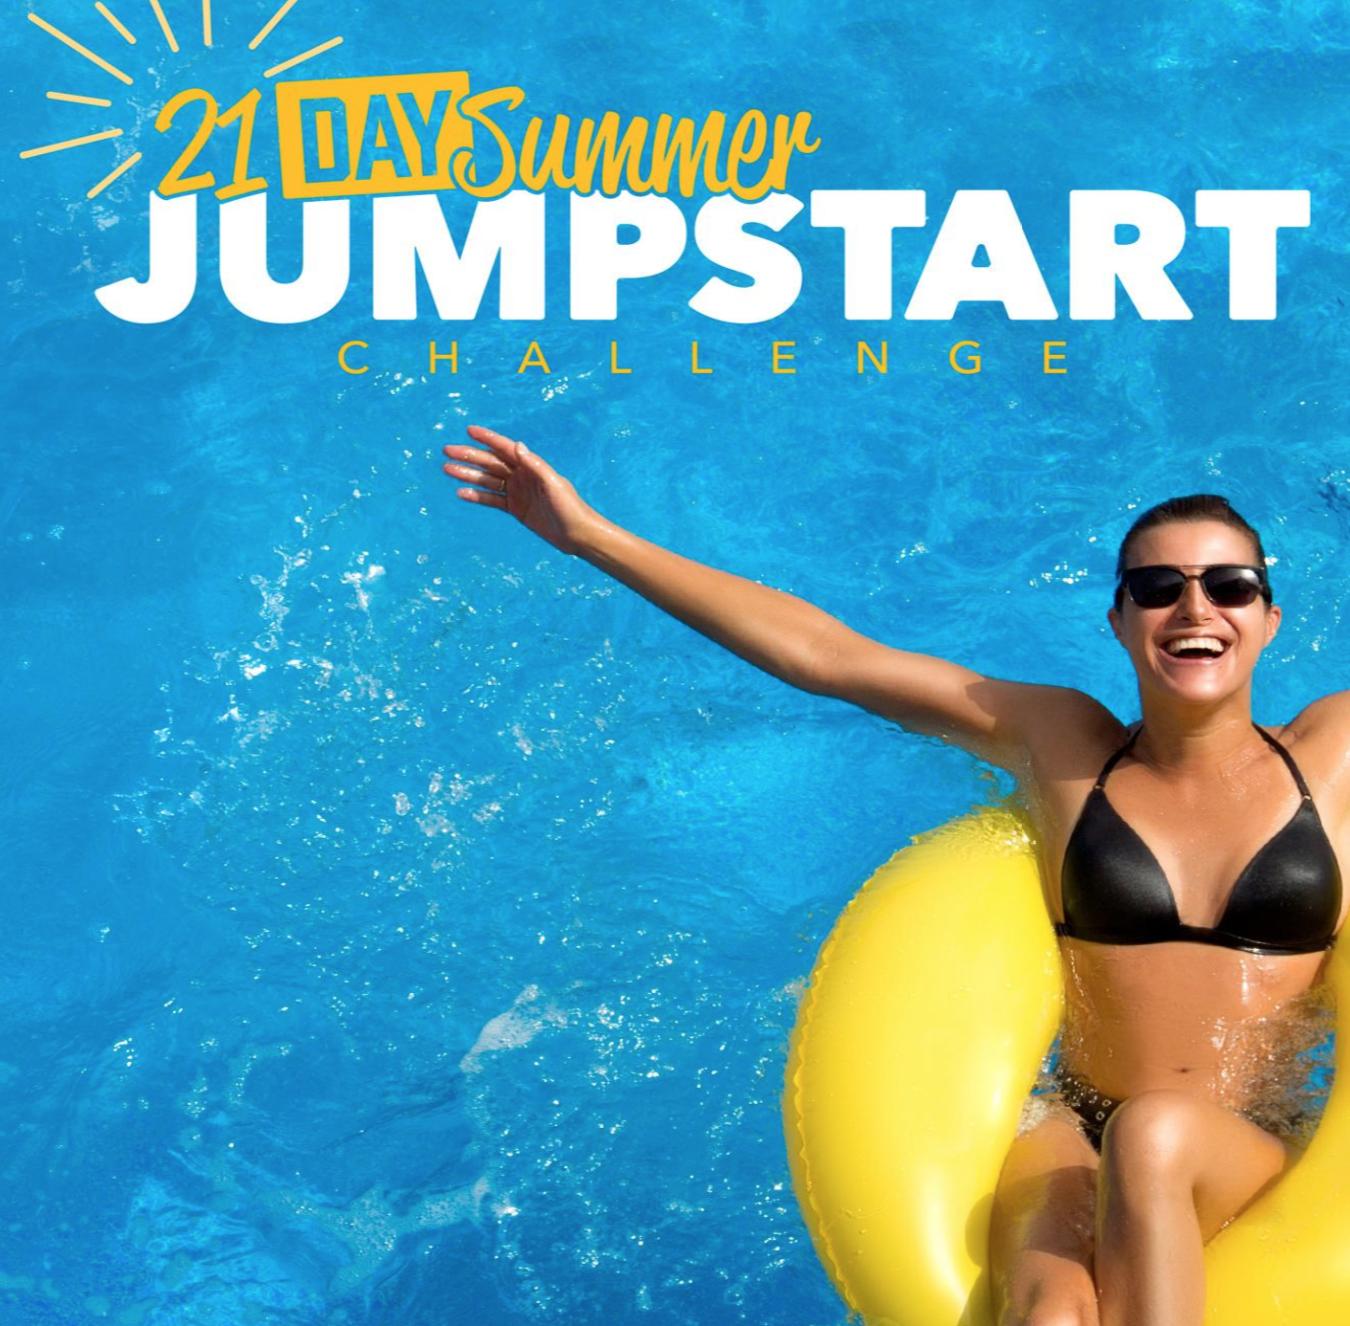 21 Day Summer Jump Start Challenge